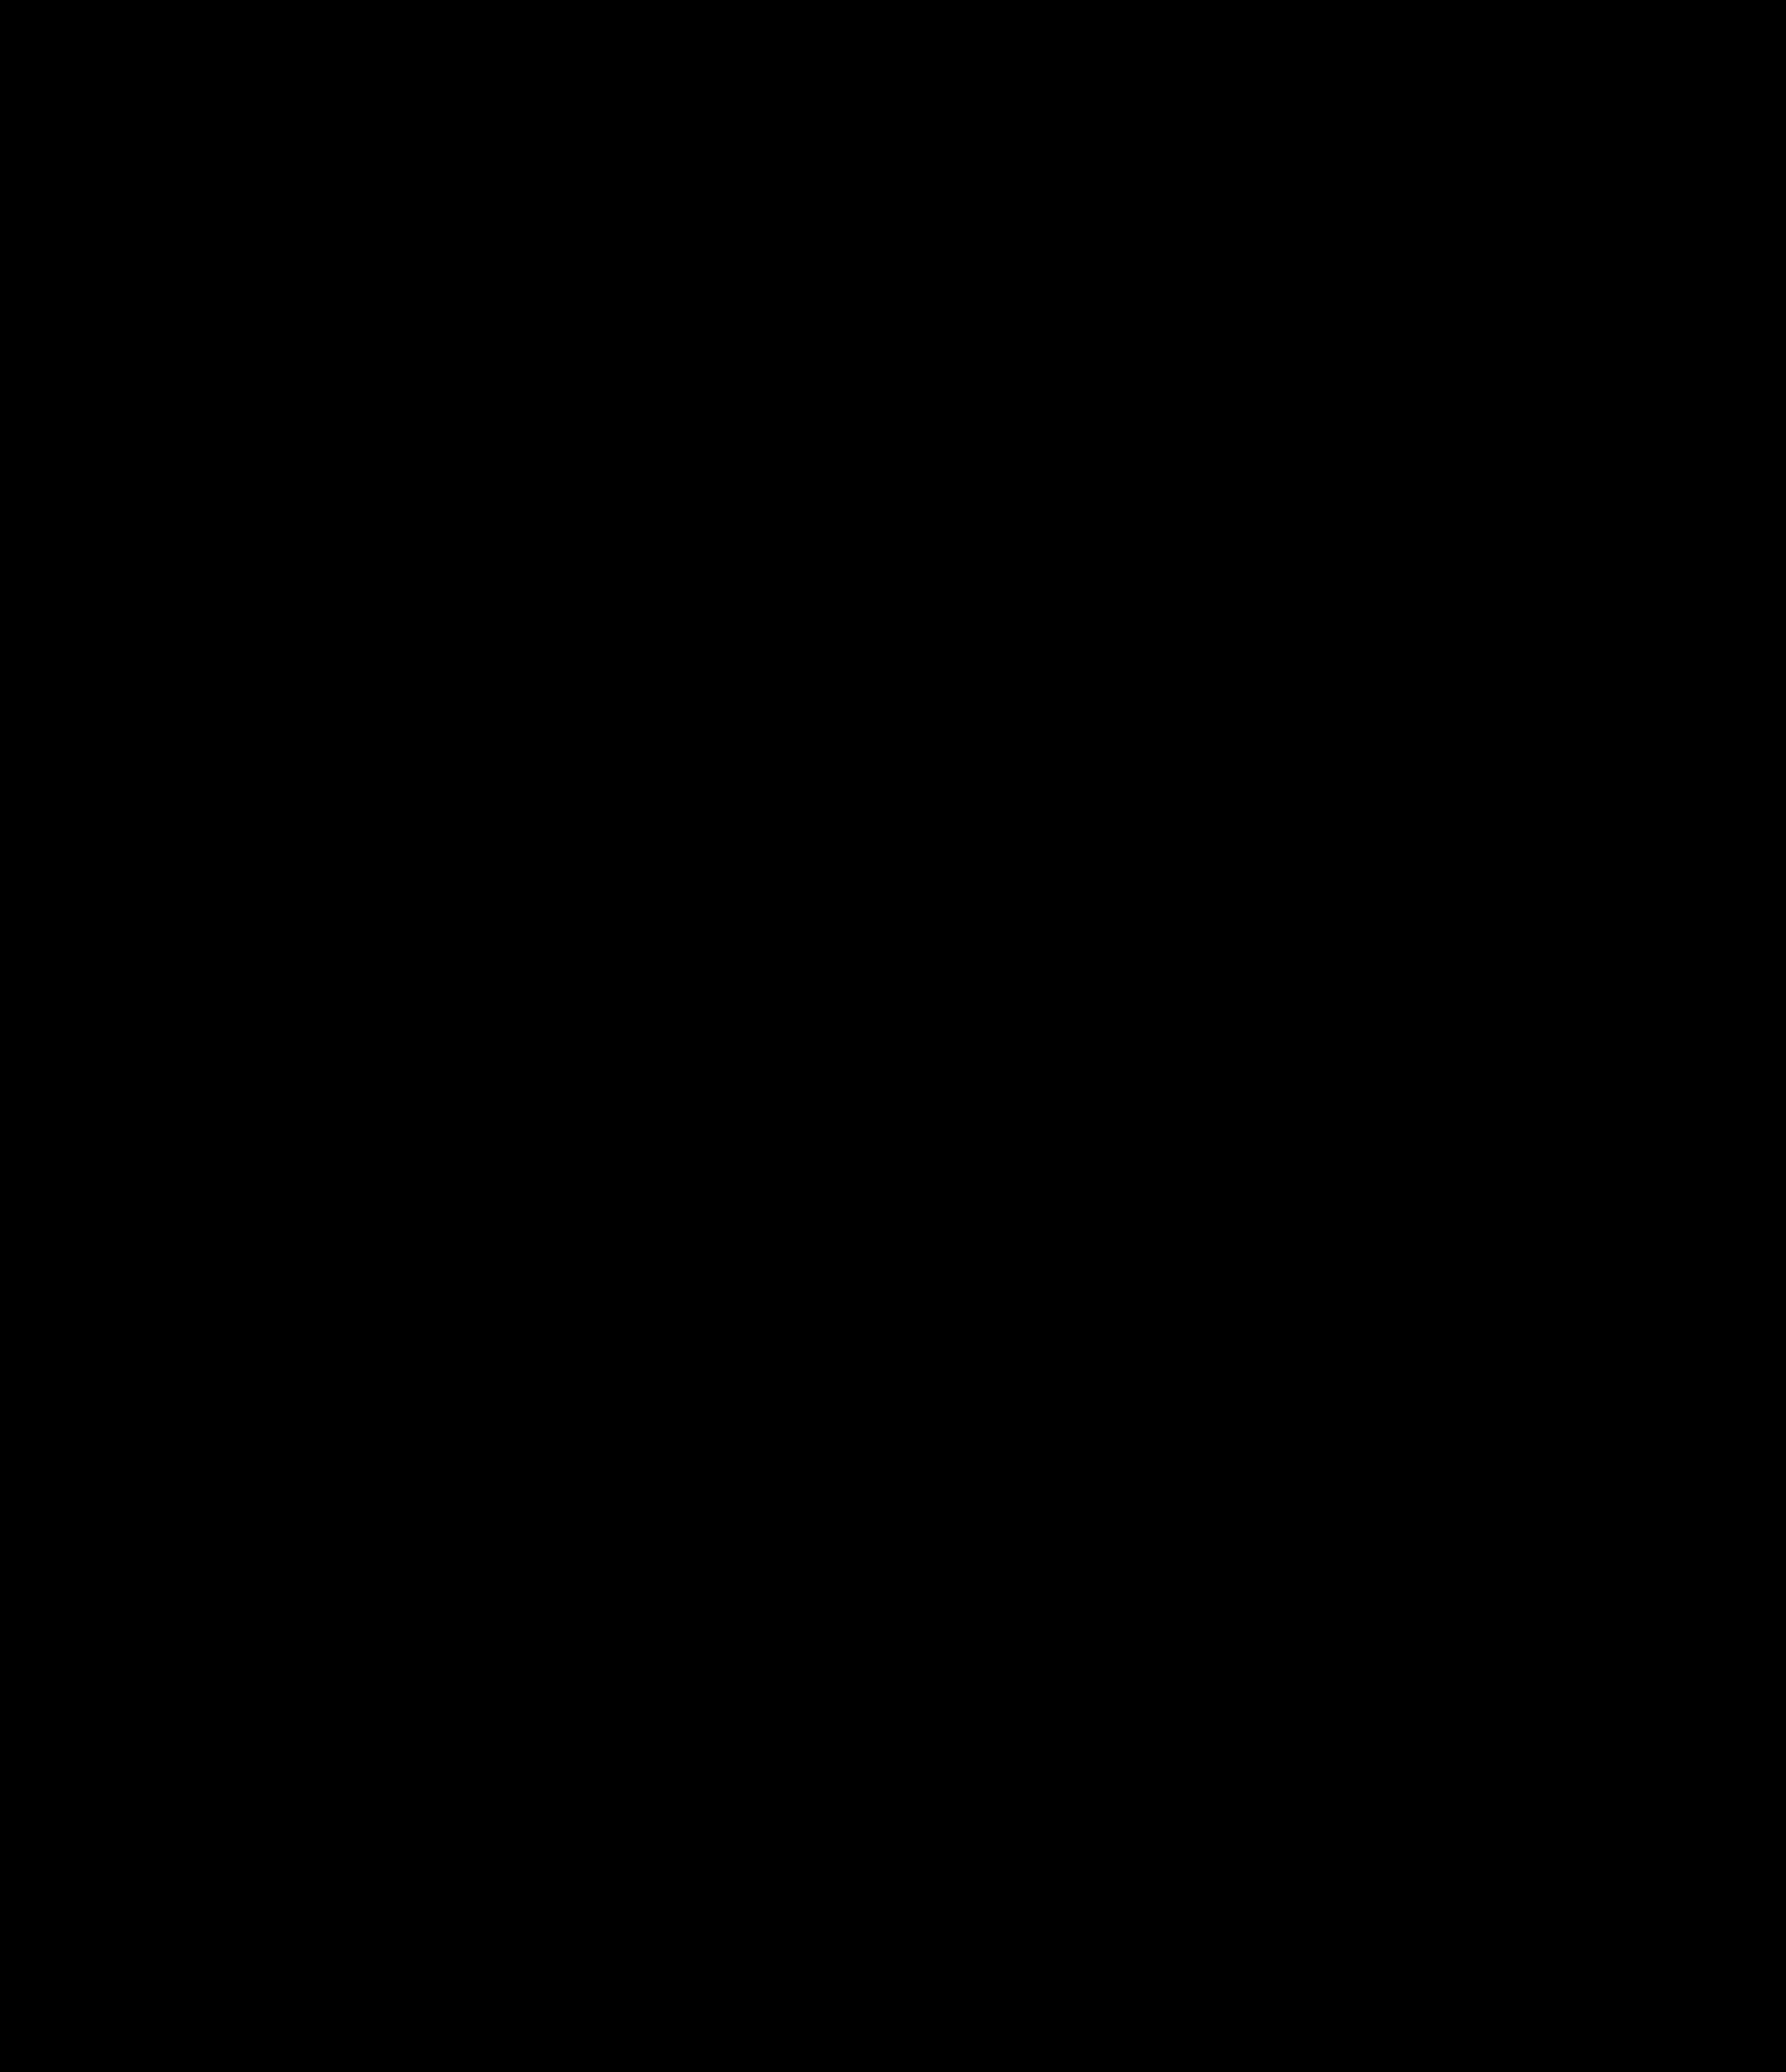 Magident Family Dental Care